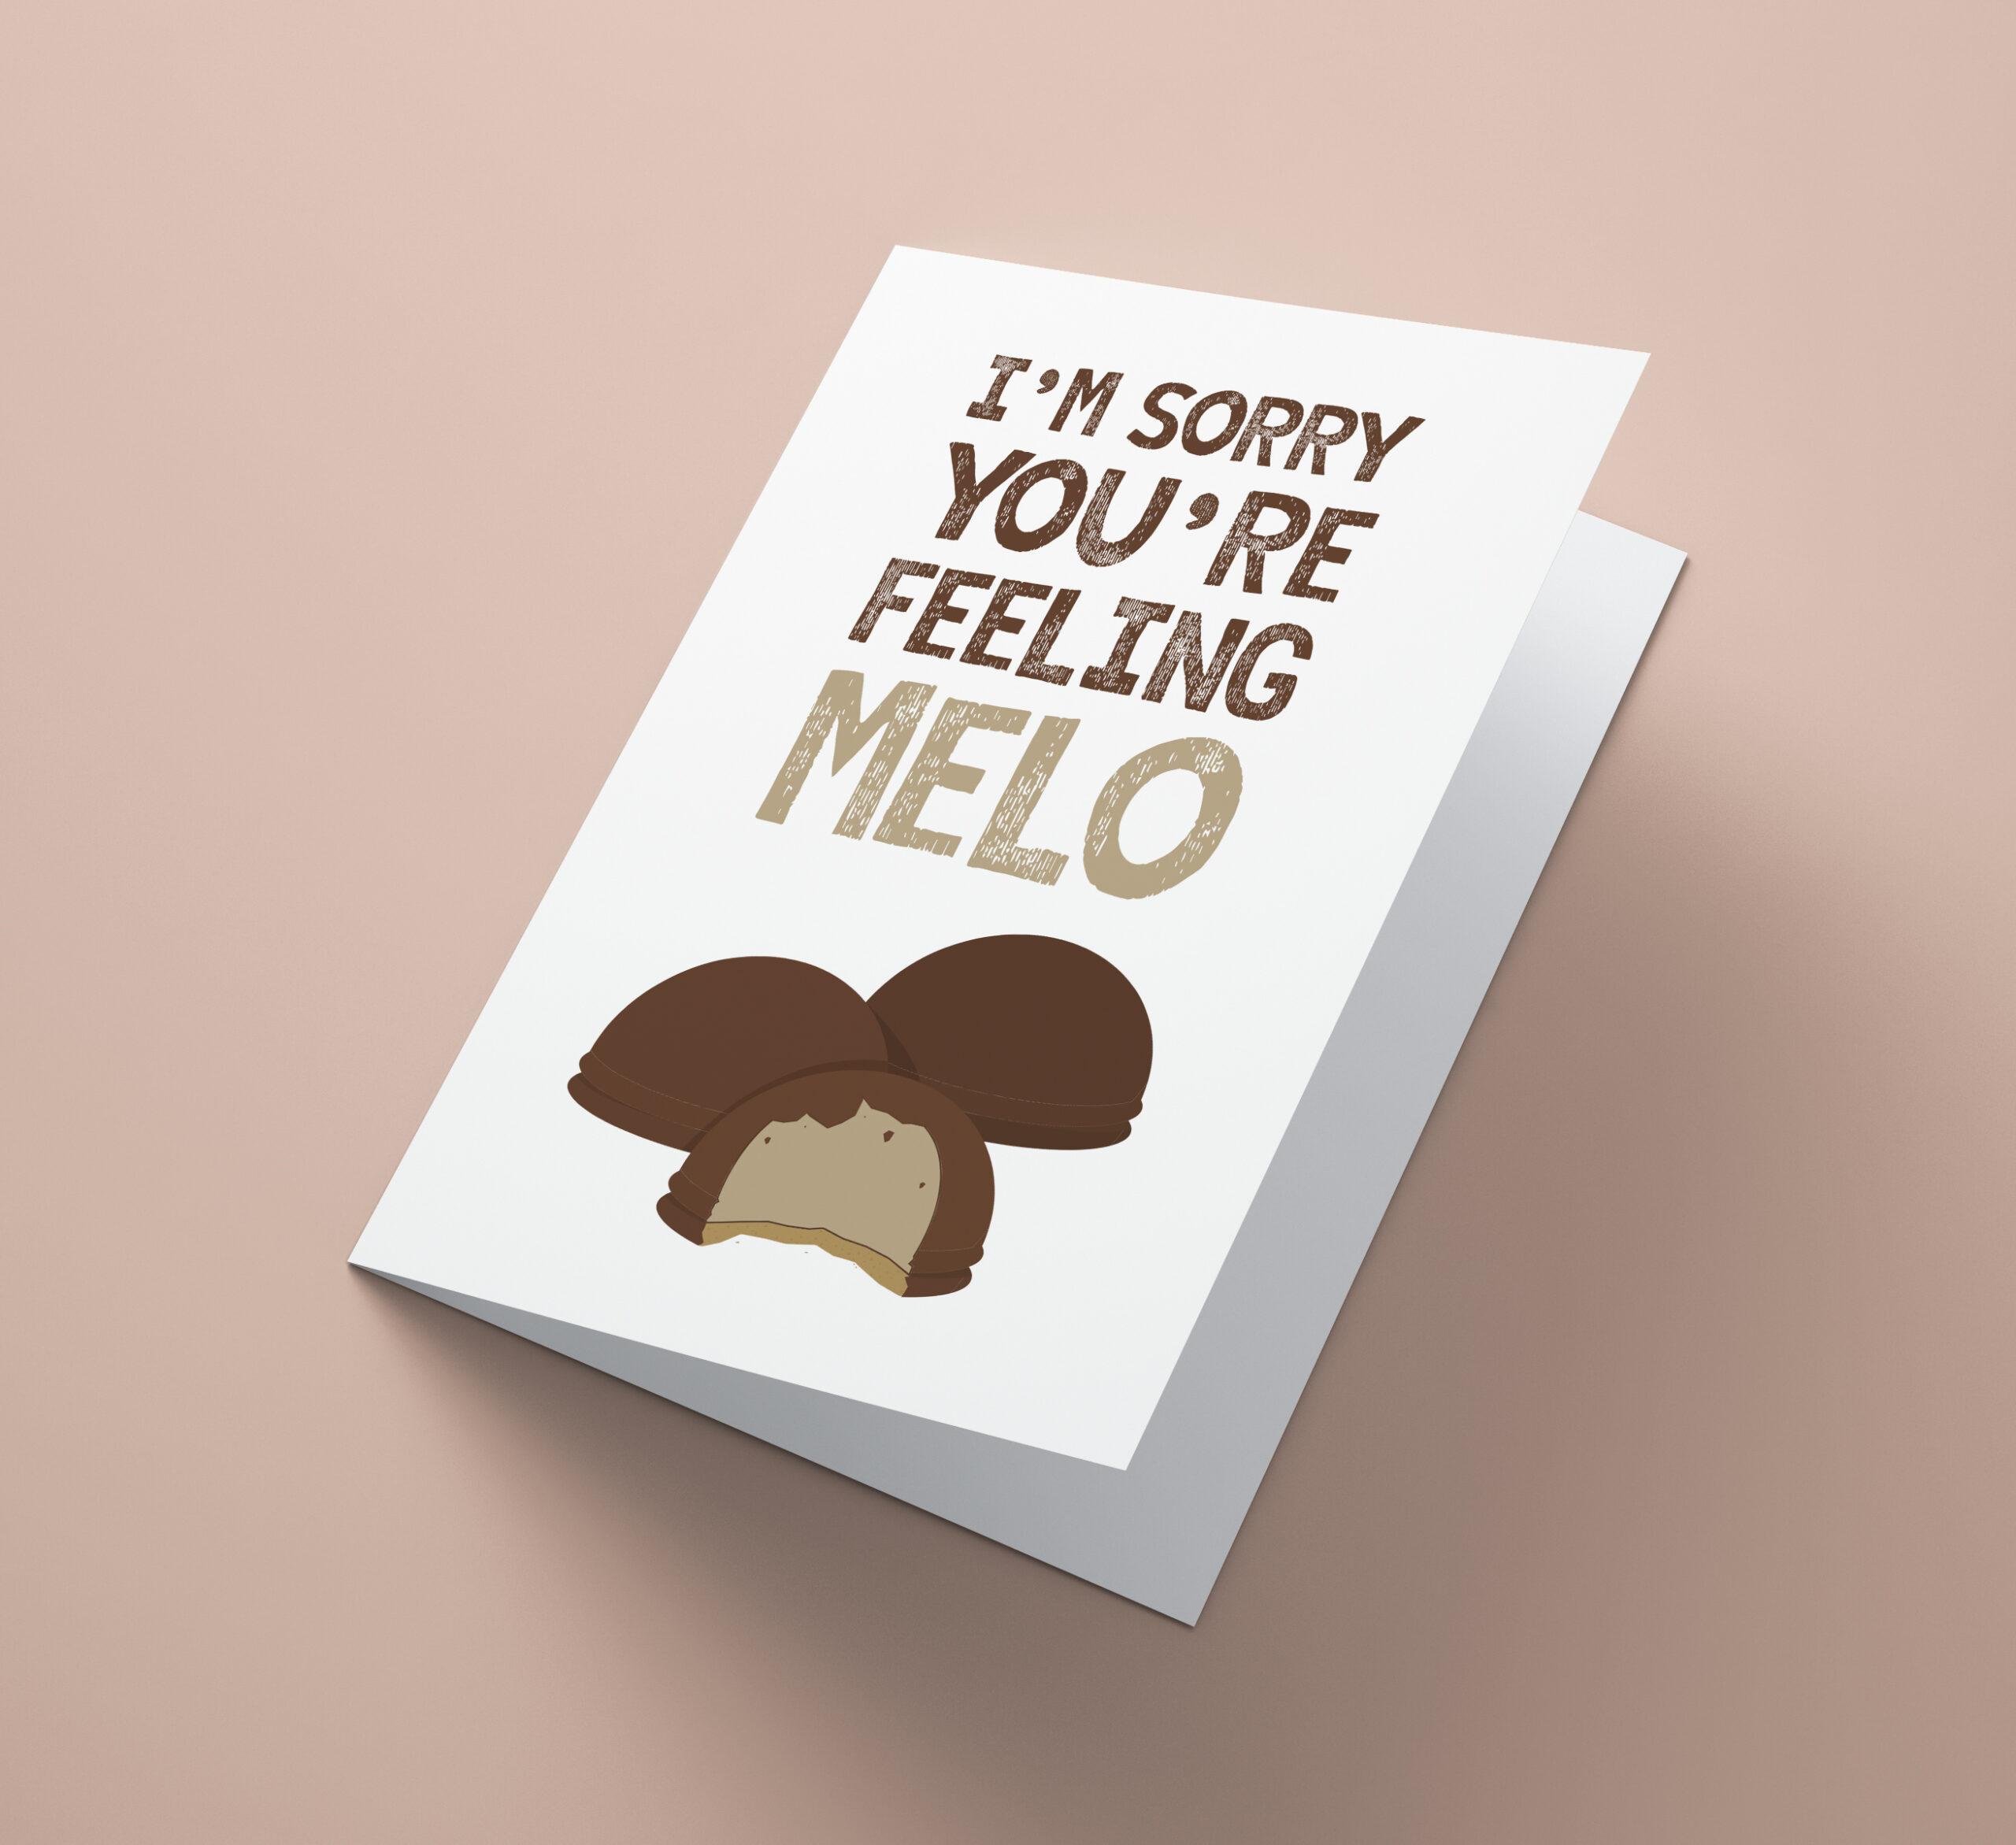 Feeling Melo